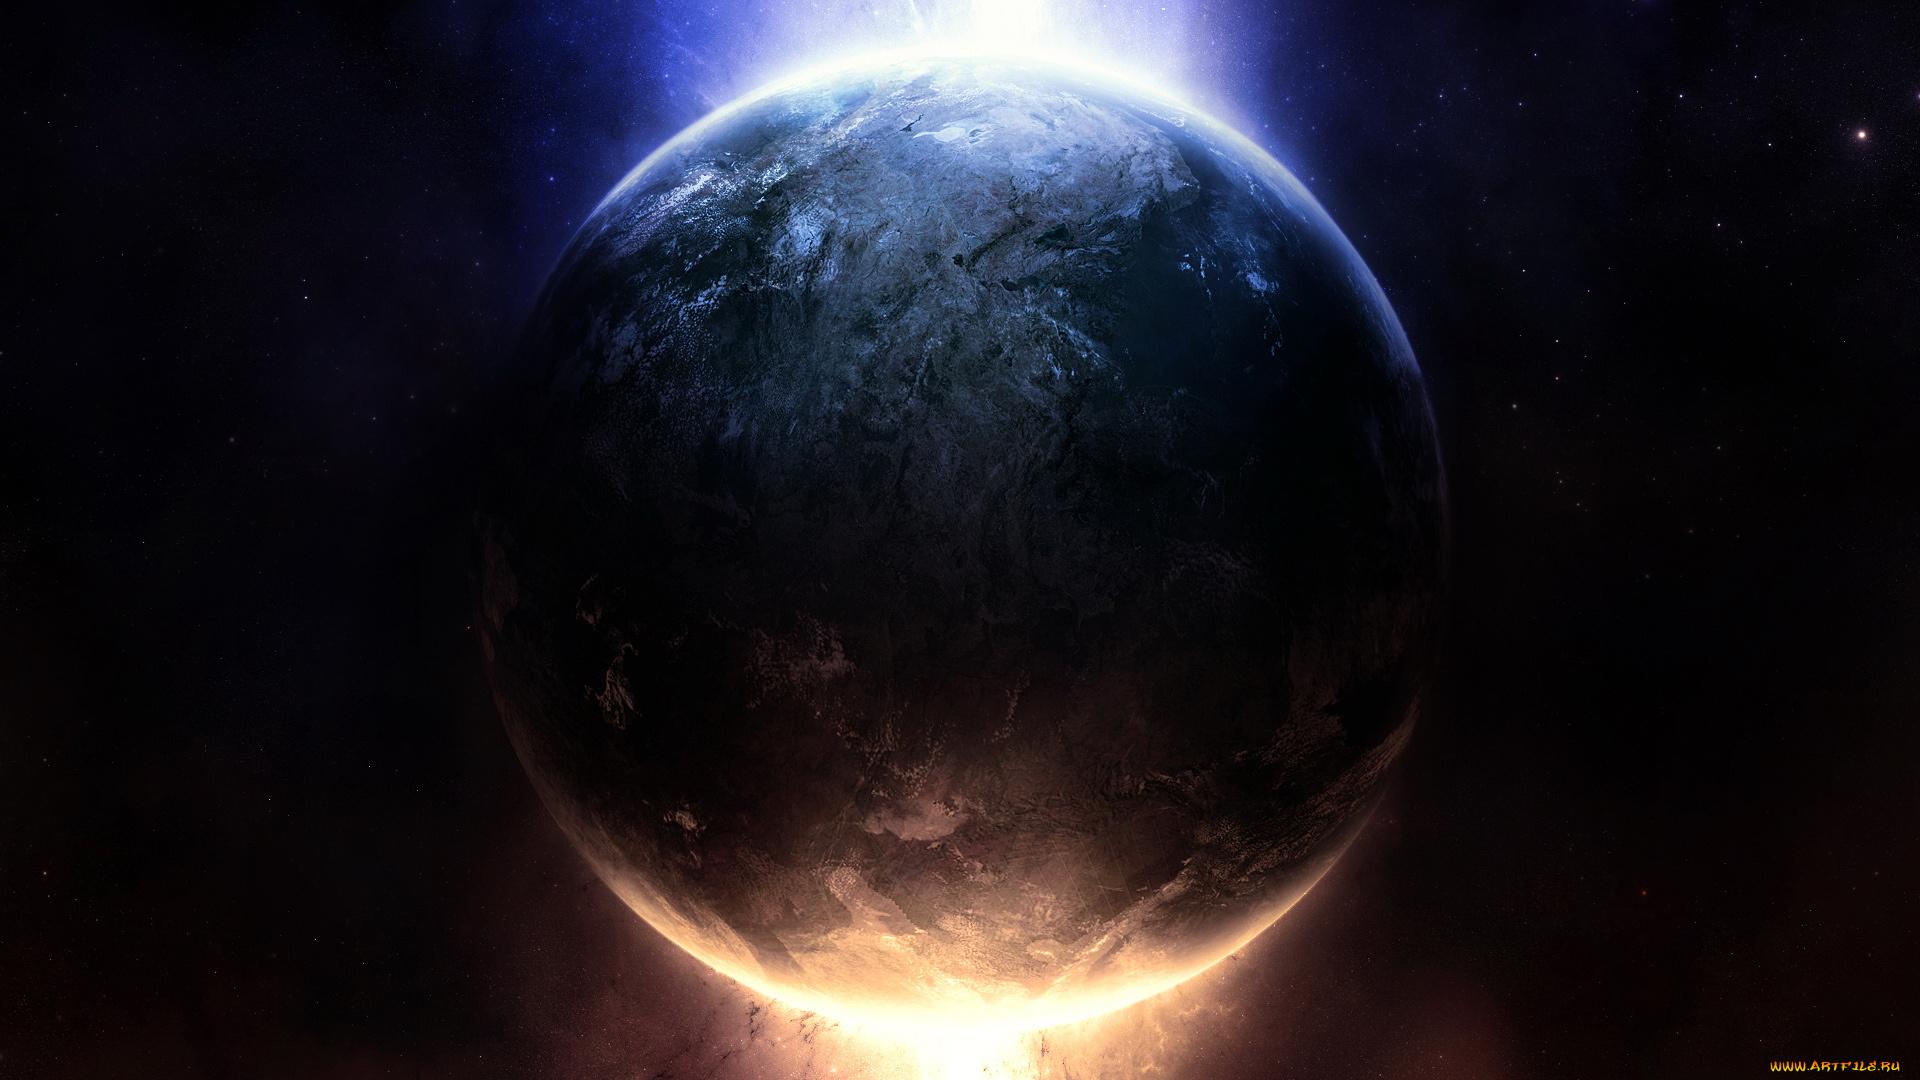 Обои планета земля свечение картинки на рабочий стол на тему Космос - скачать скачать